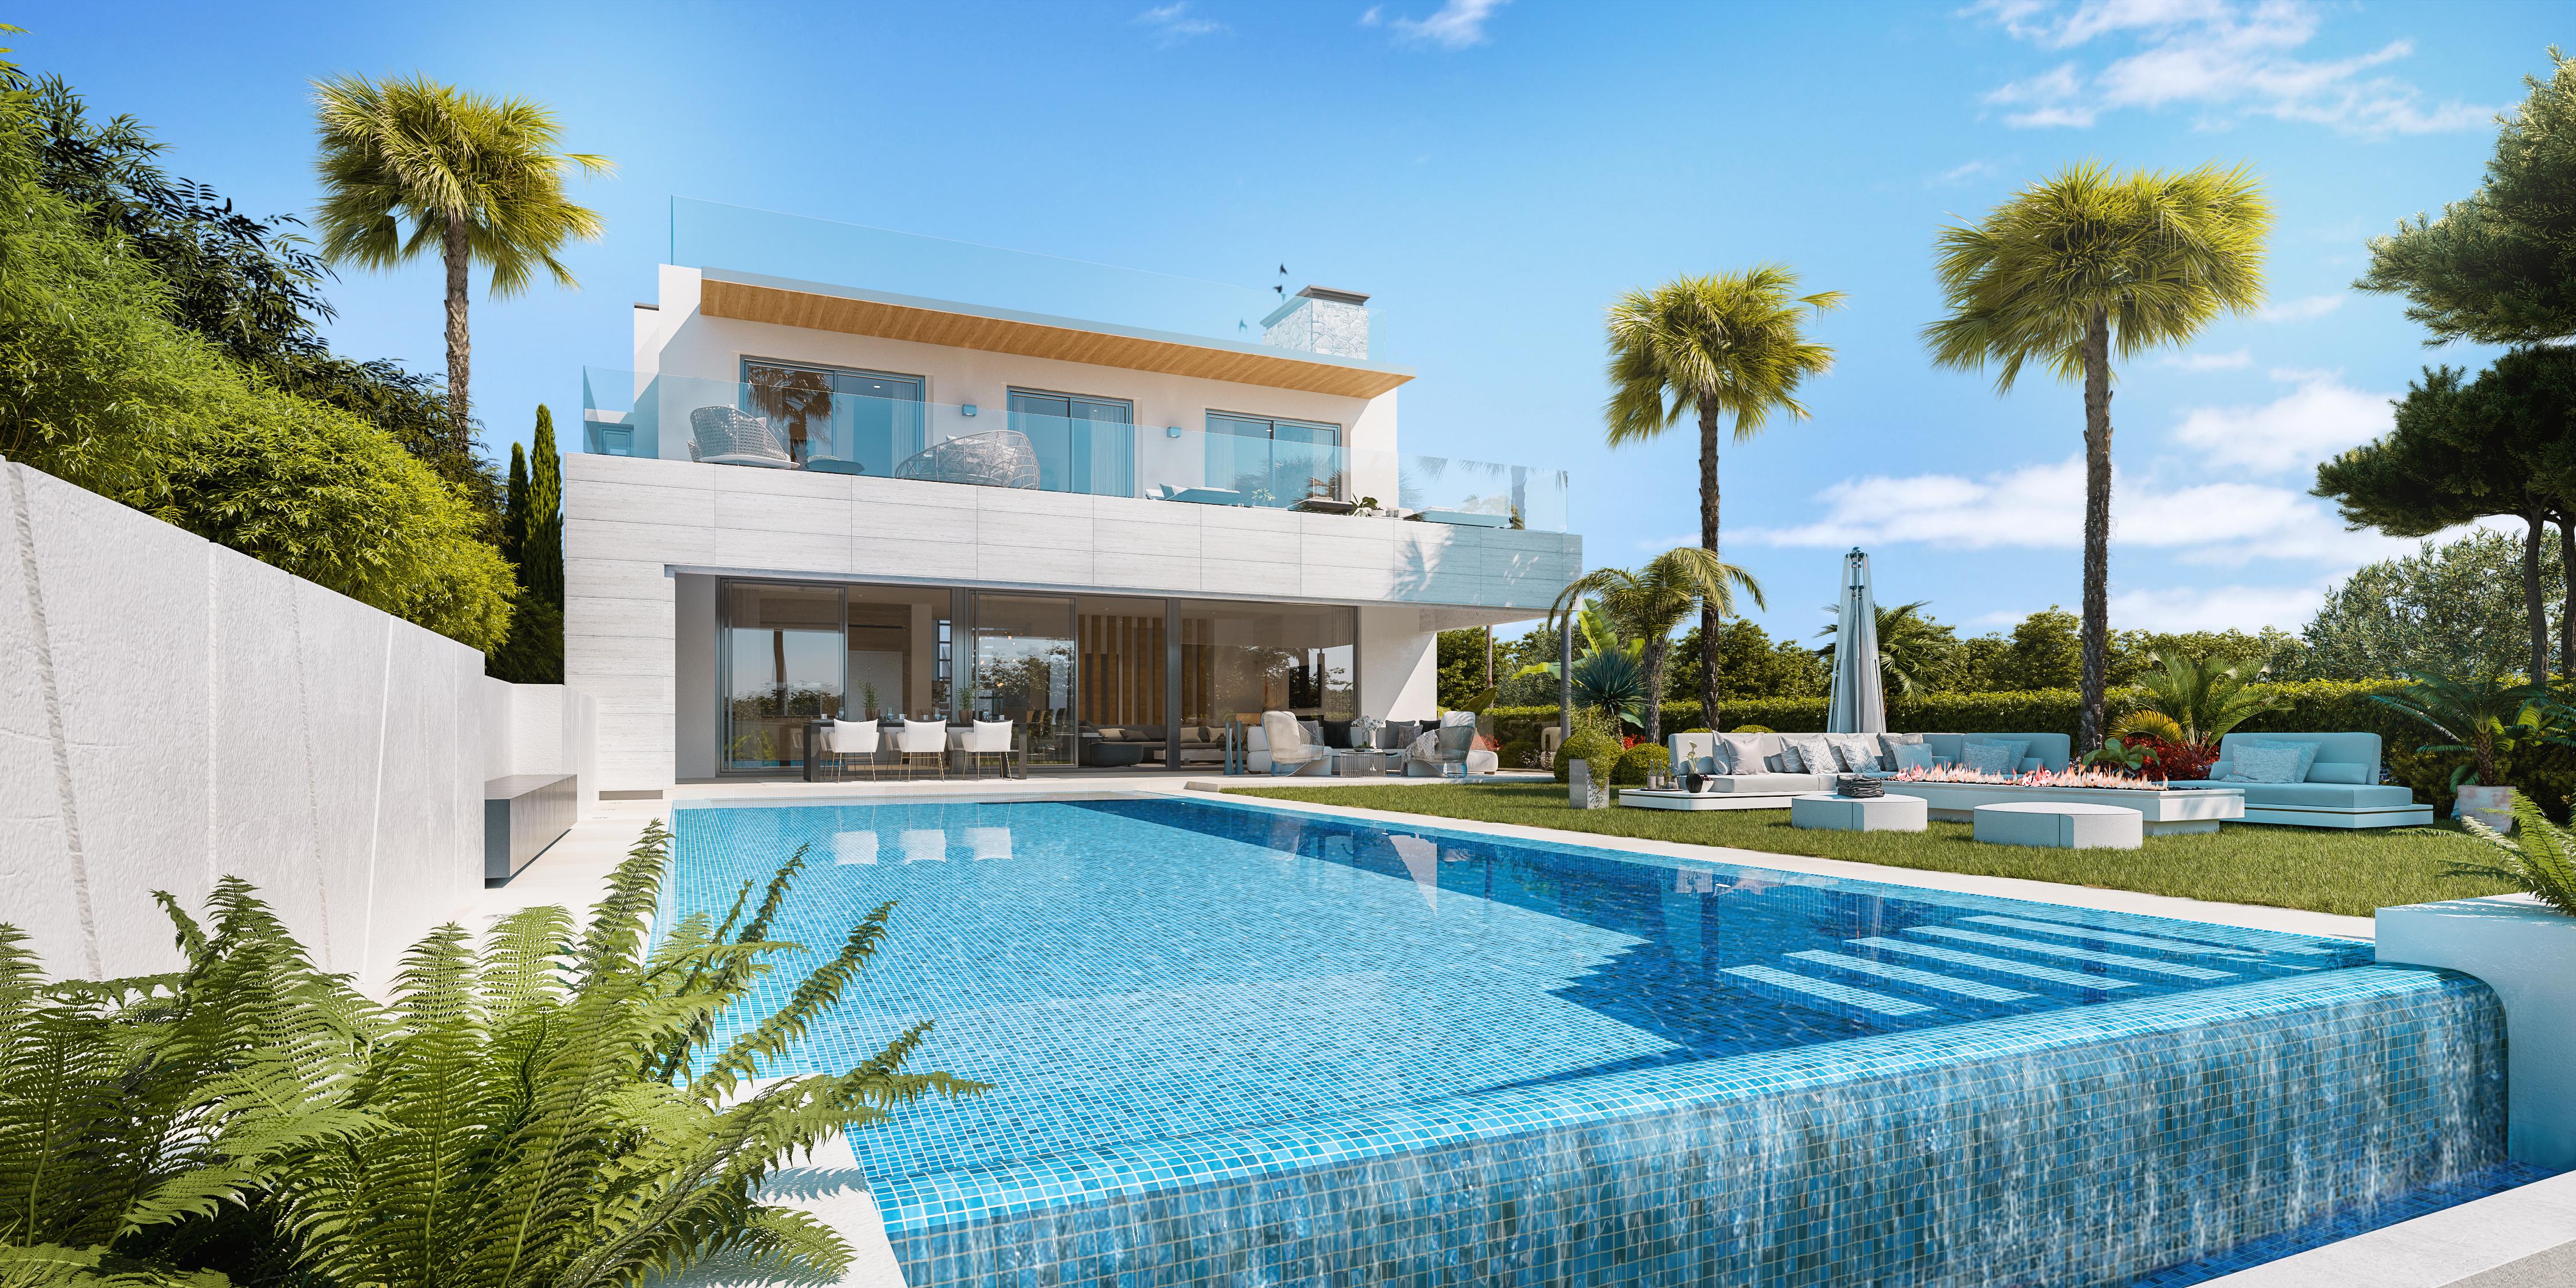 Ref:359-00038P Villa For Sale in Marbella